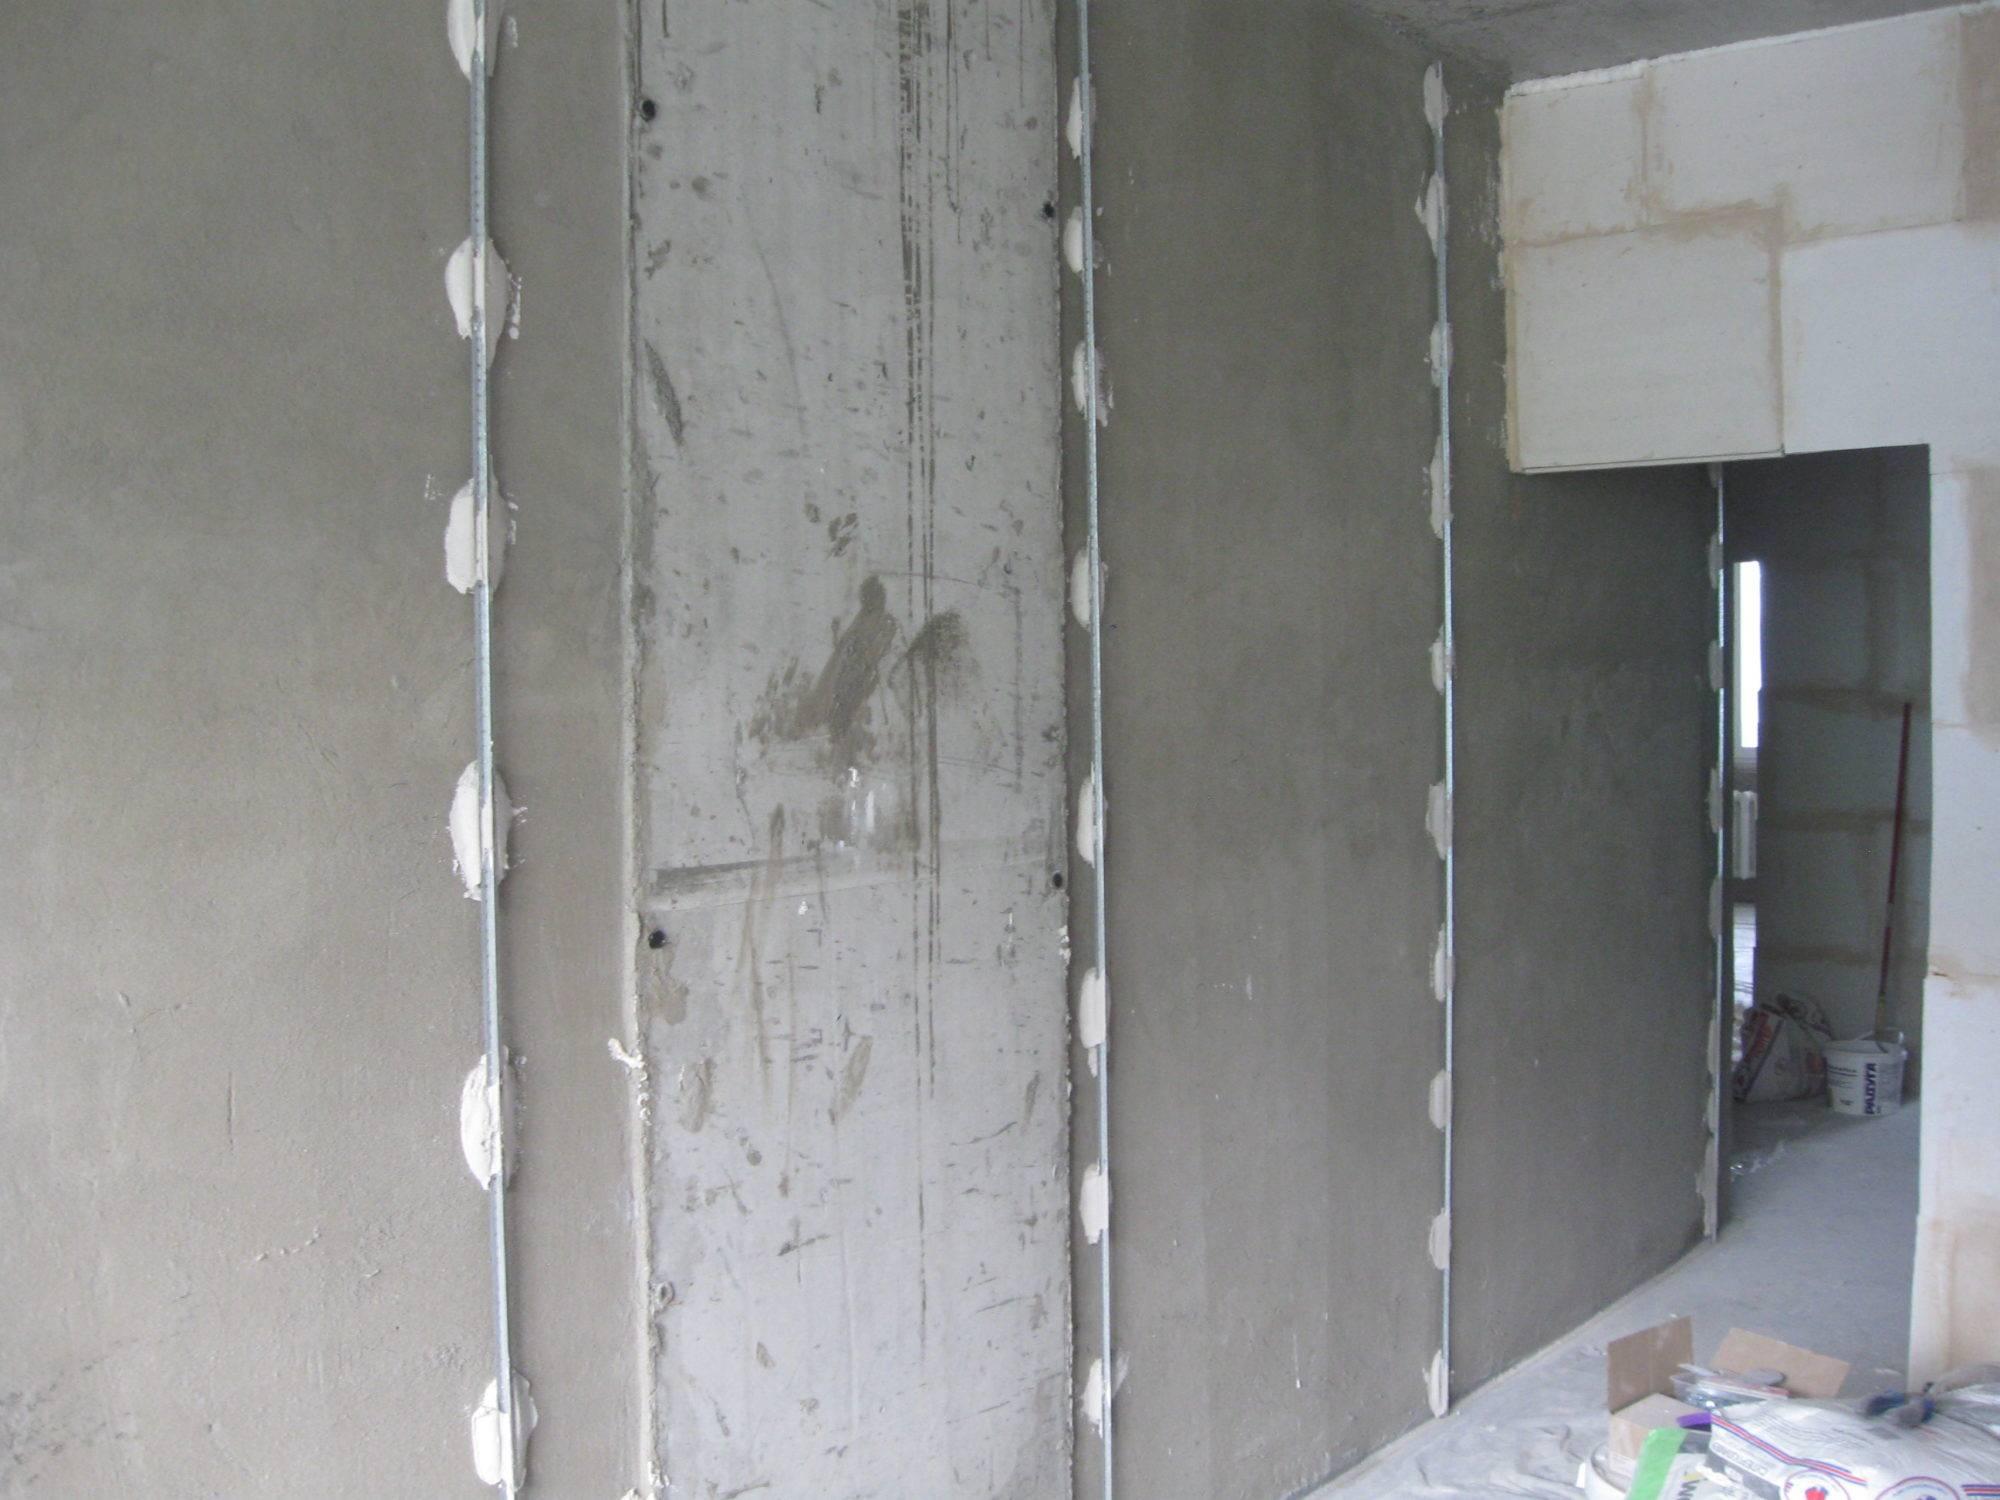 Штукатурка стен по маякам (54 фото): как штукатурить своими руками, нужно ли убирать маяки с потолка после выполнения работ